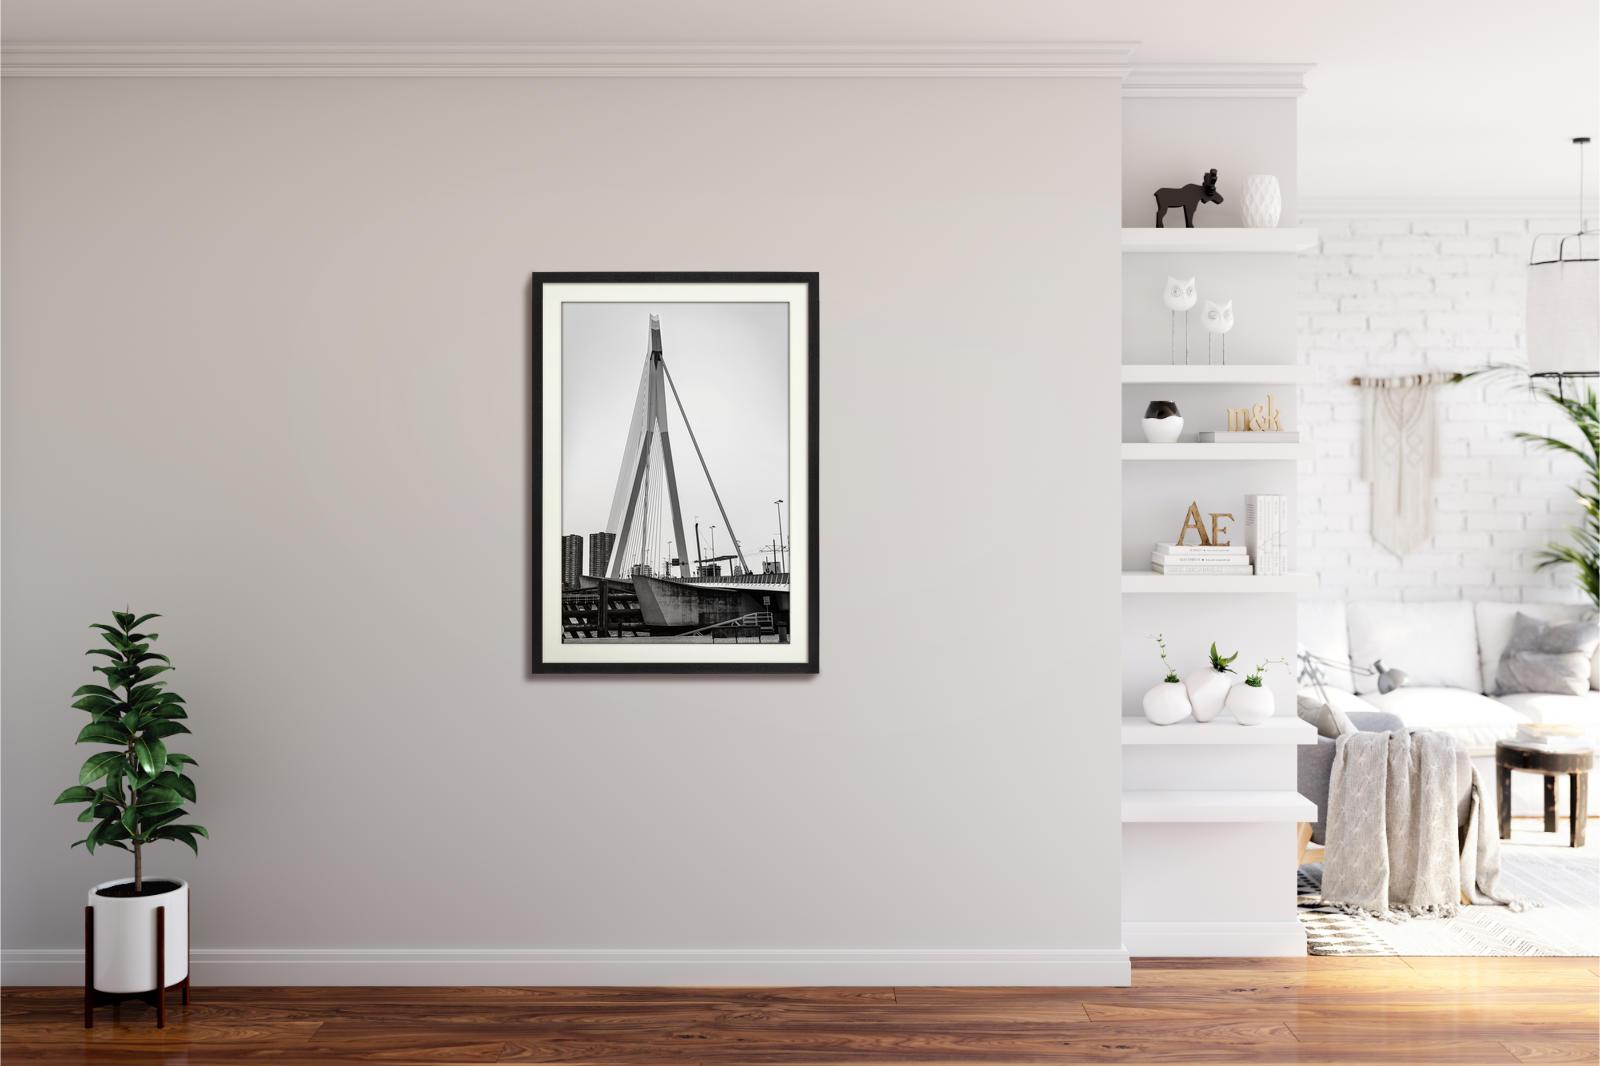 Großaufnahme der Erasmusbrücke in Rotterdam in schwarz-weiss als nachhaltiger Kunstdruck in schwarzem Rahmen in 60x90cm von Stephan Böhm